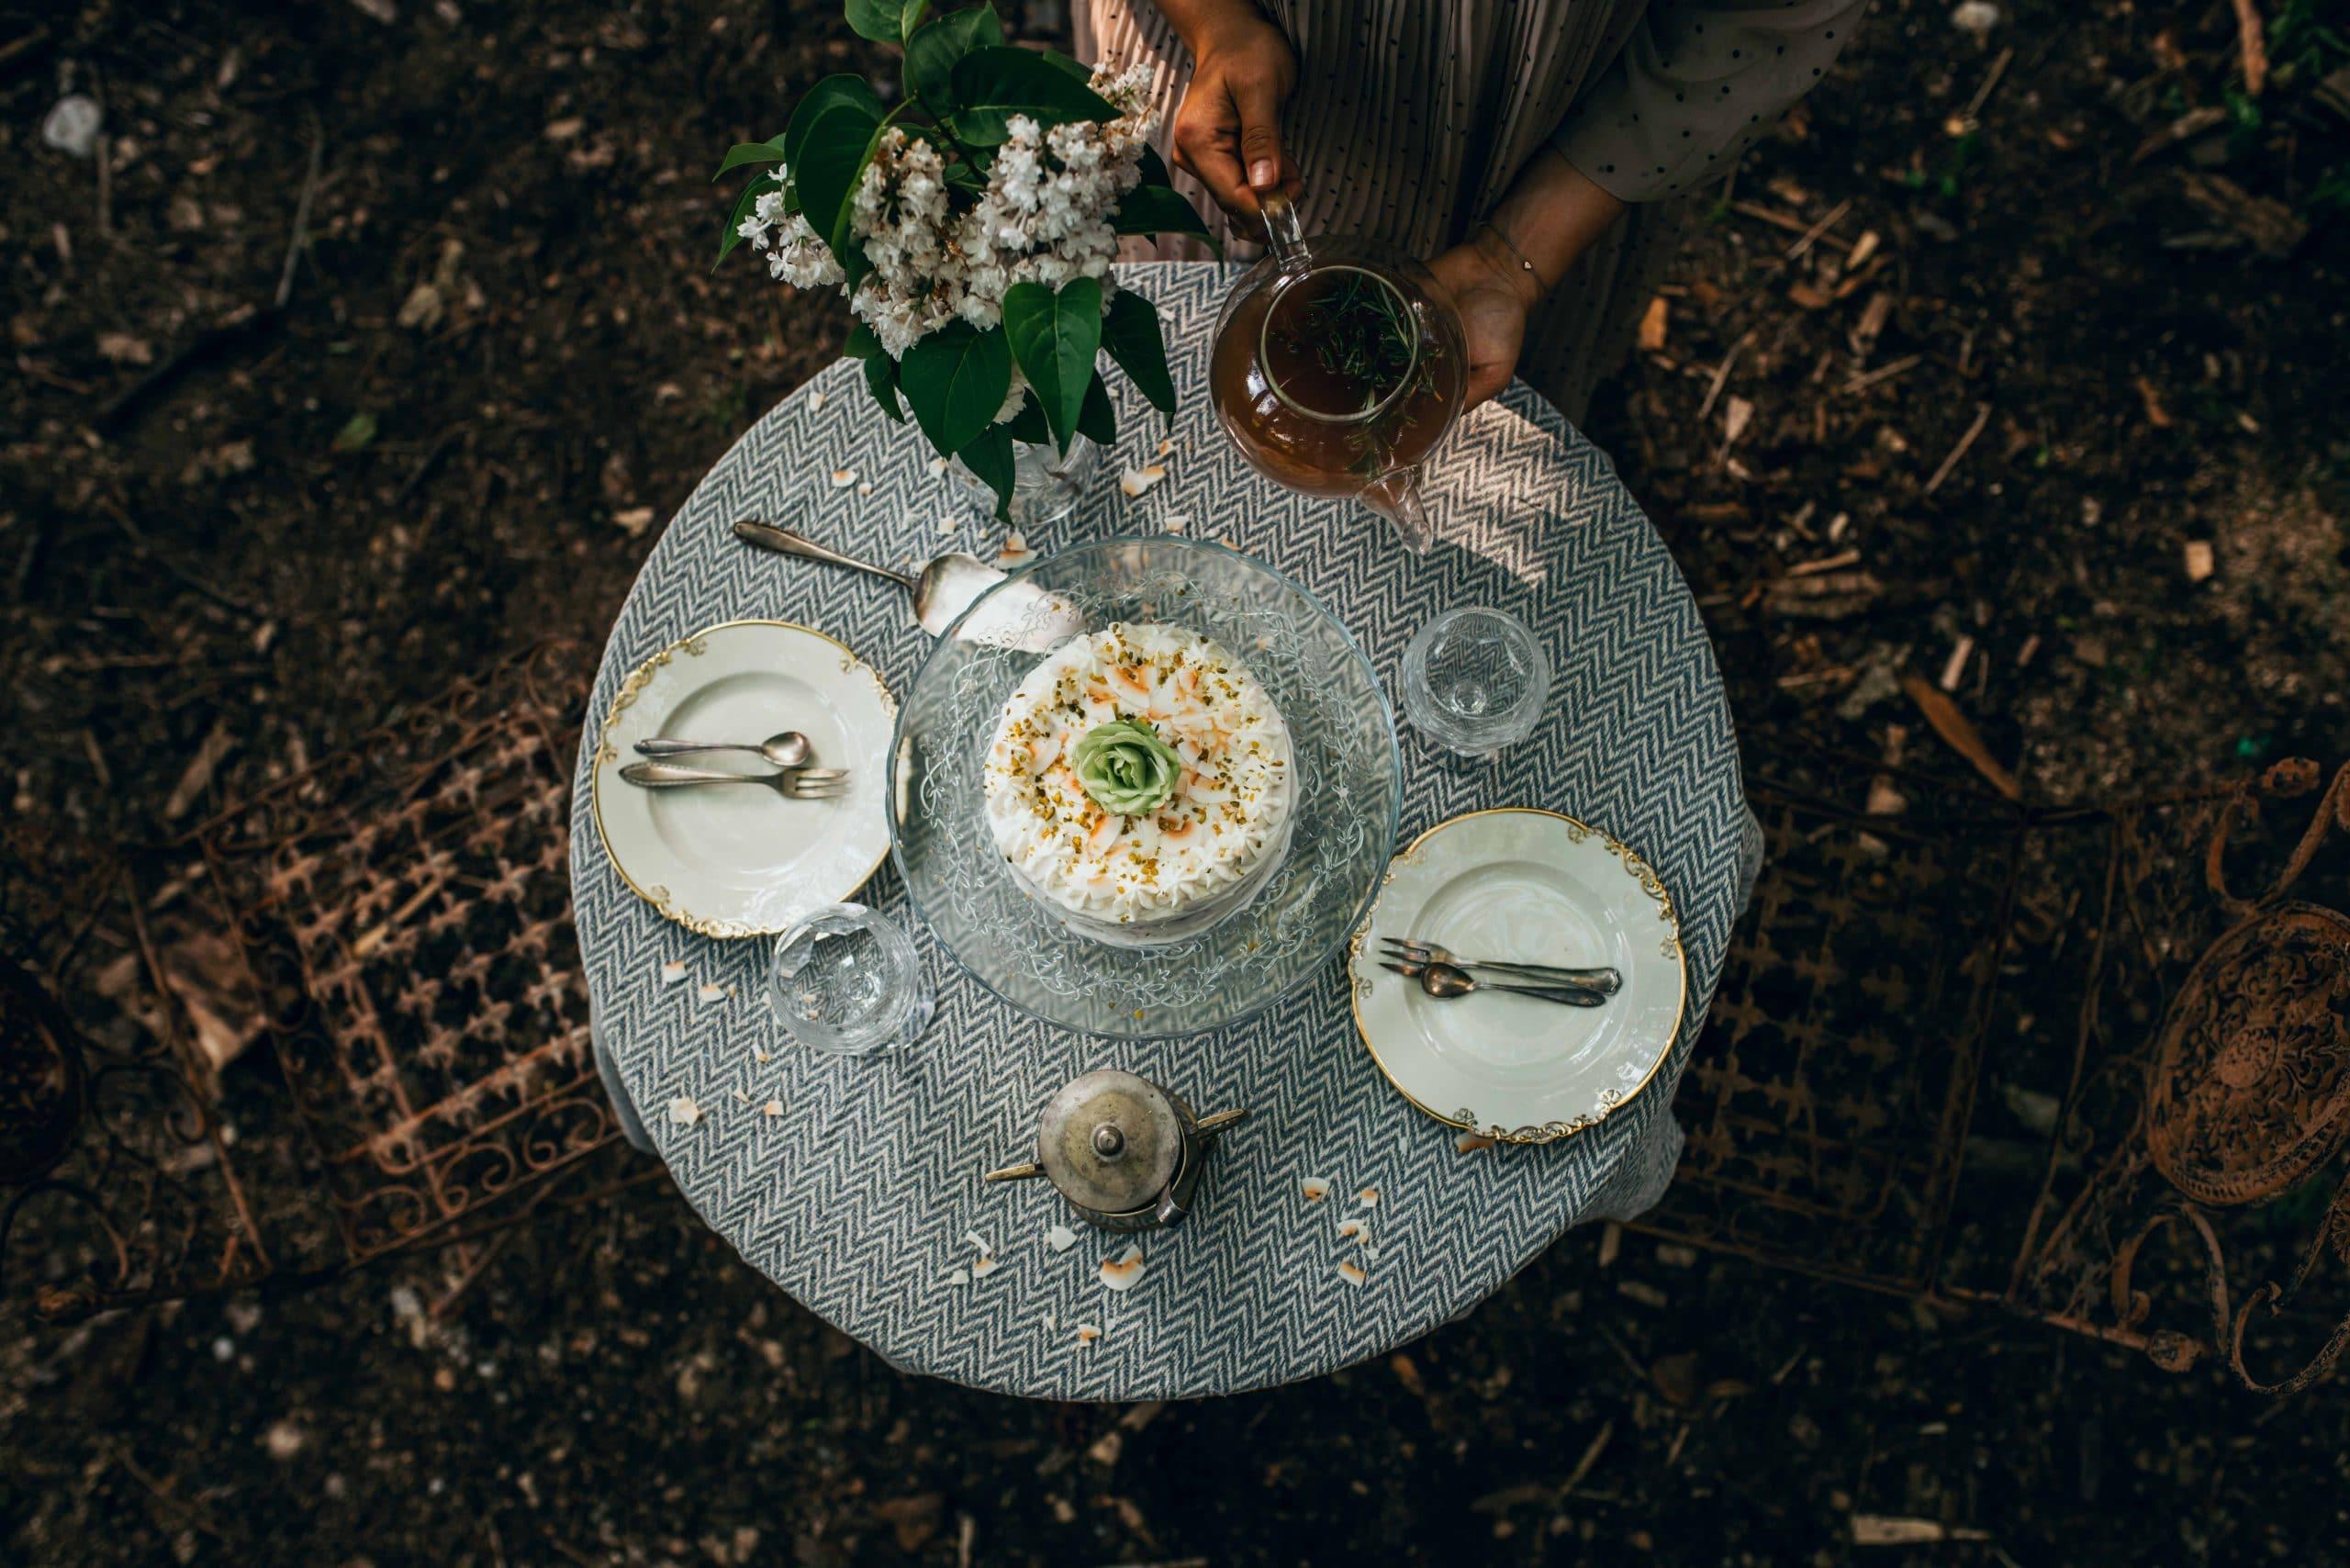 tabledance tisch2 torte 18 von 113 scaled